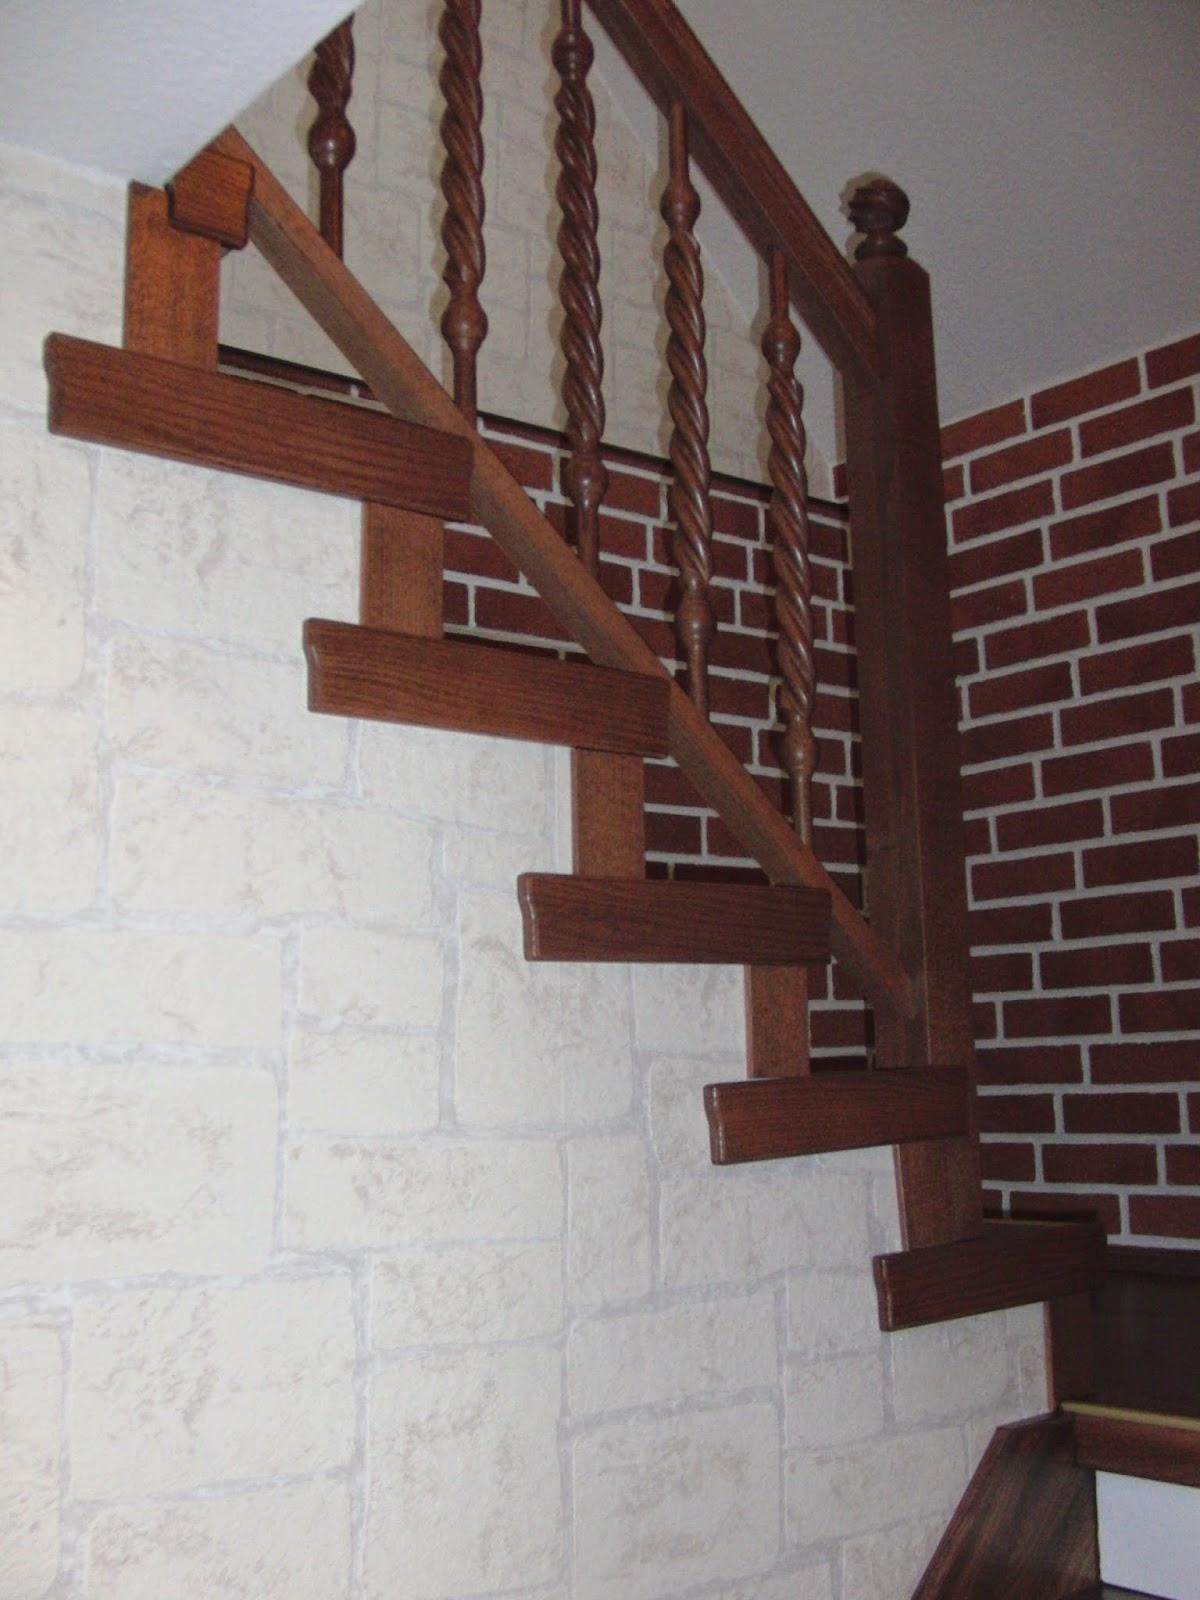 Treppenrenovierung - Wangenverkleidung, innenseitig